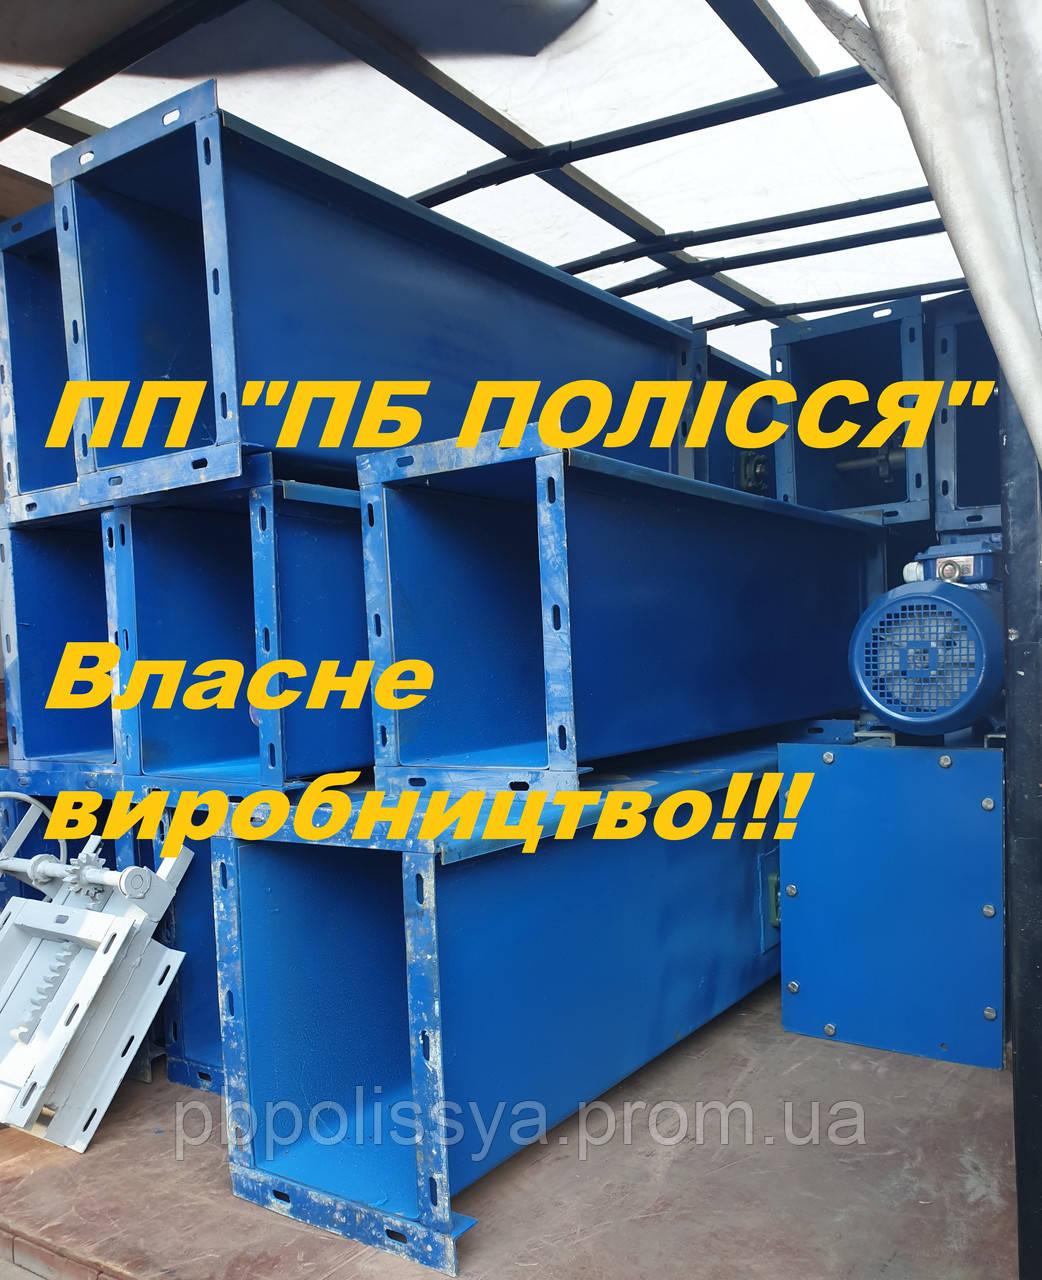 Транспортер скребковый цепной тсц 25 запчасти для конвейеров